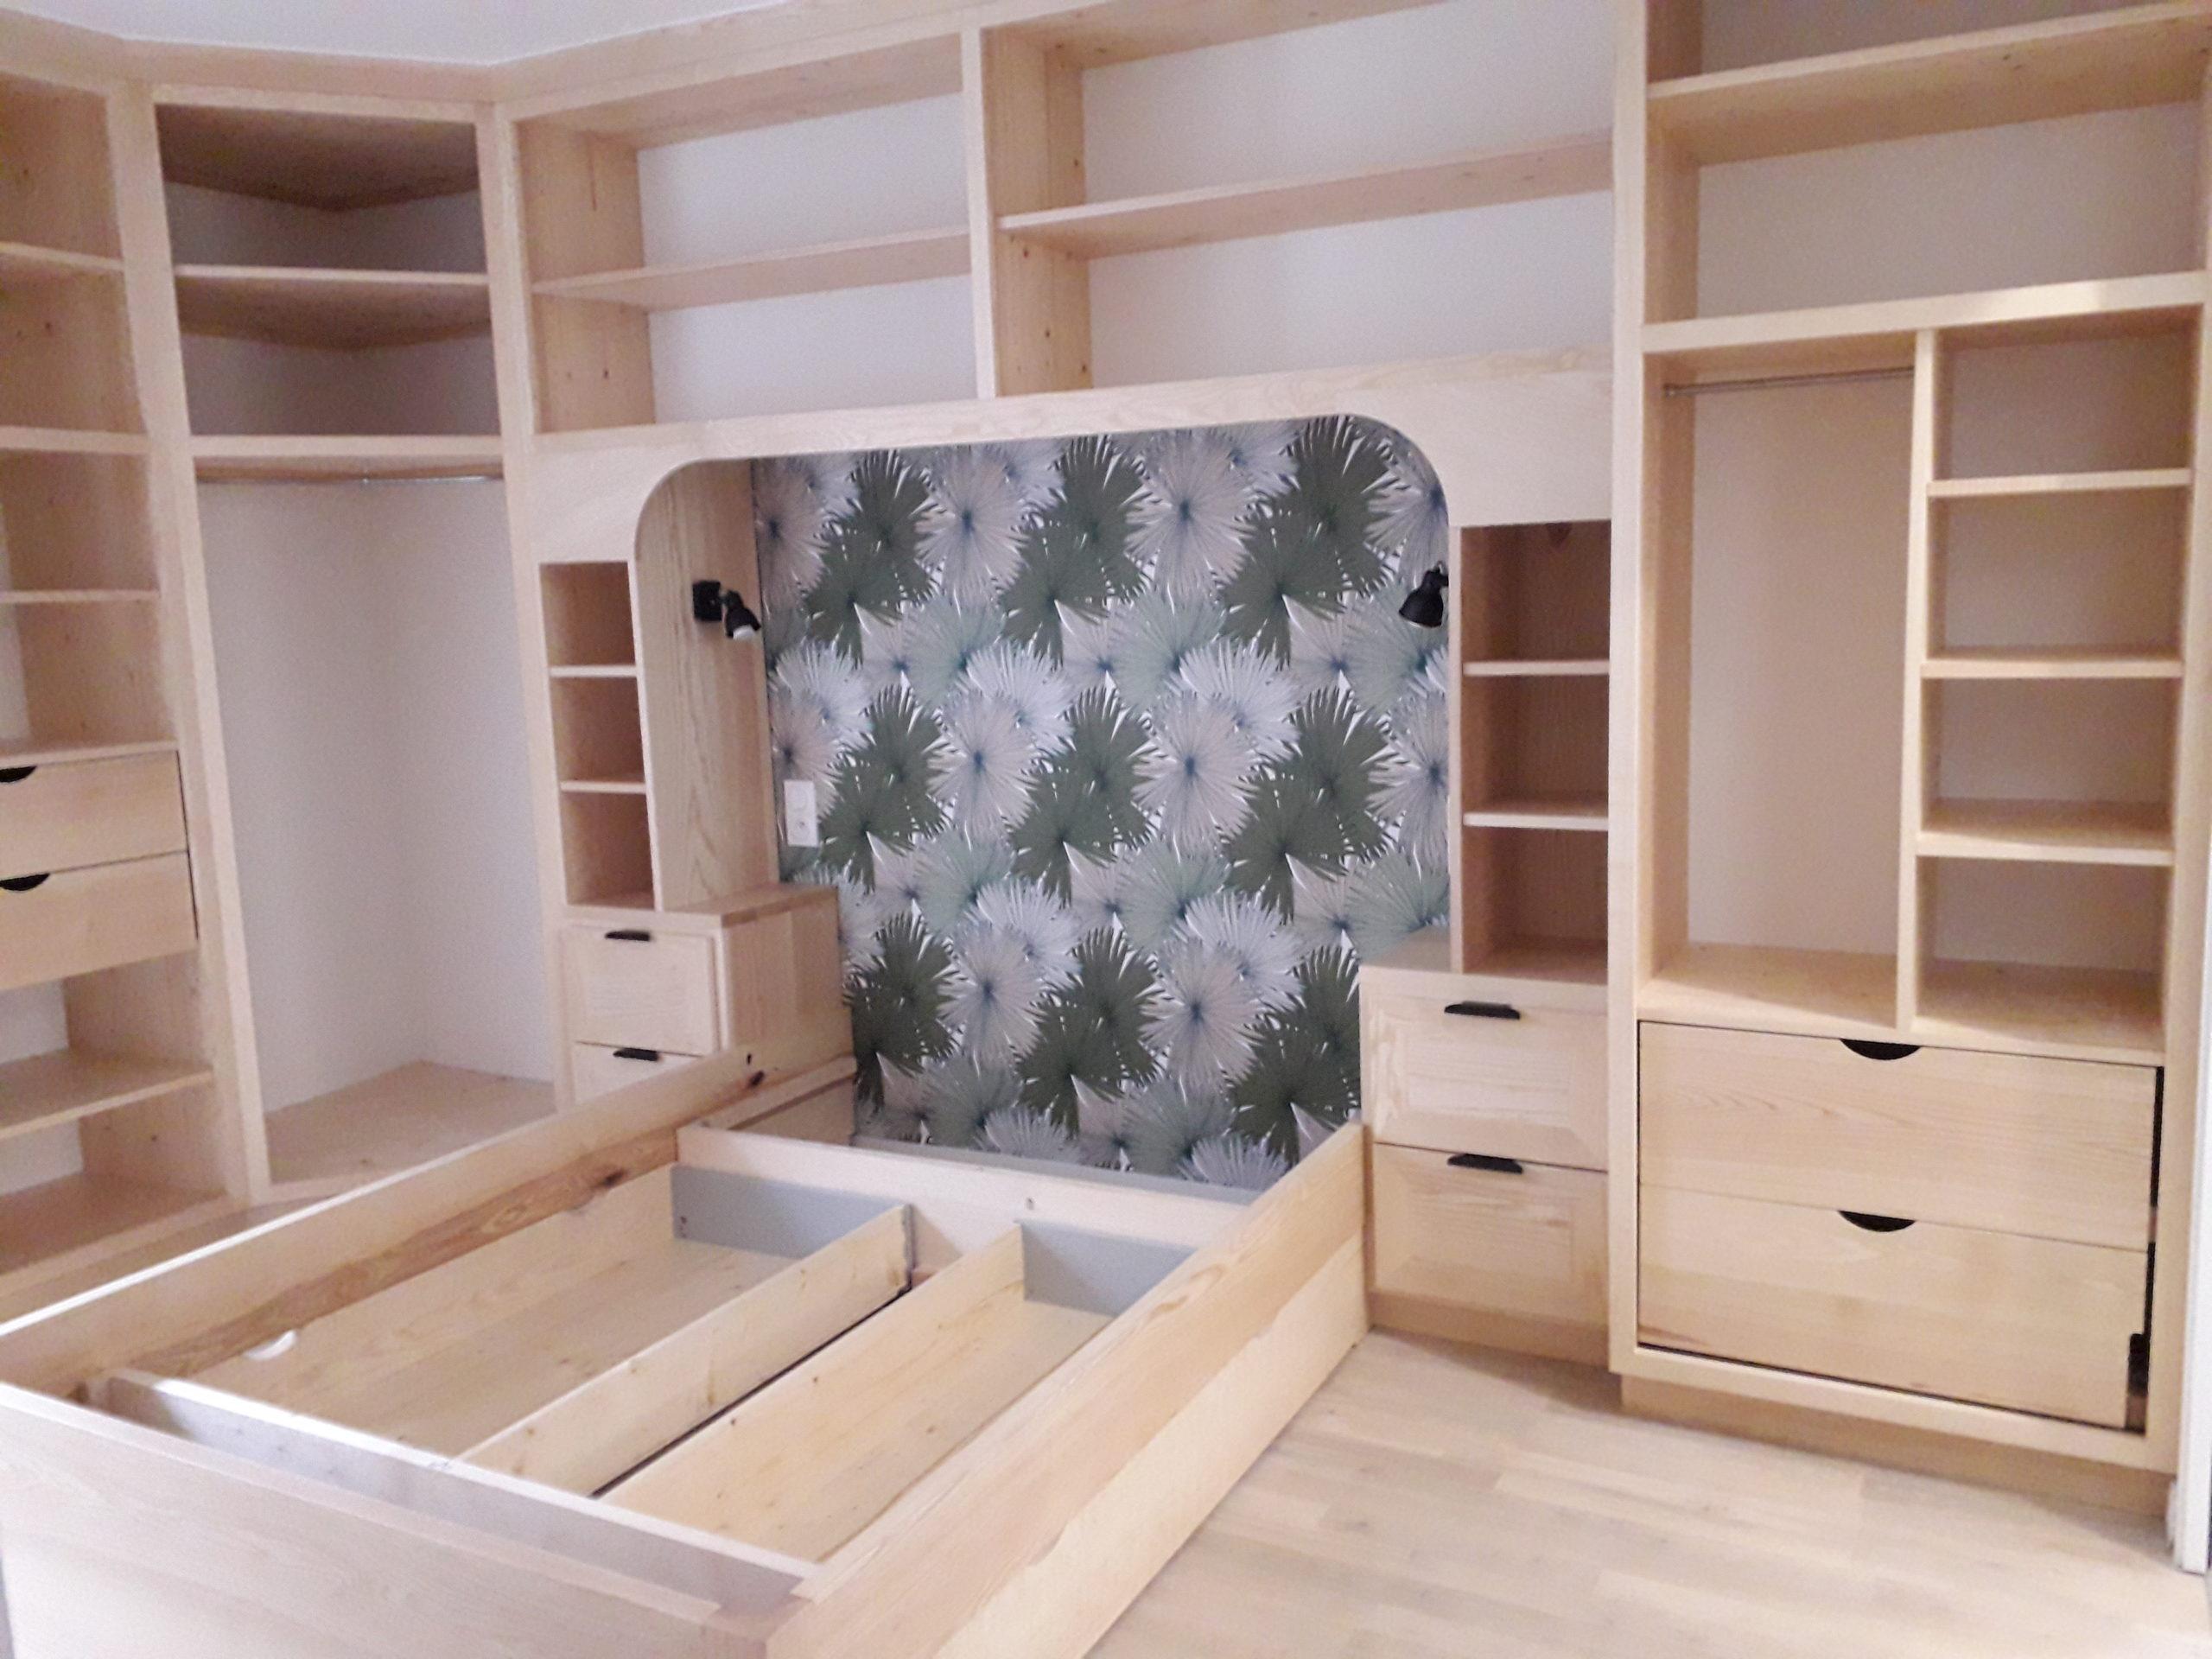 fabrication d'un ensemble de meubles par Moreau Jeandin